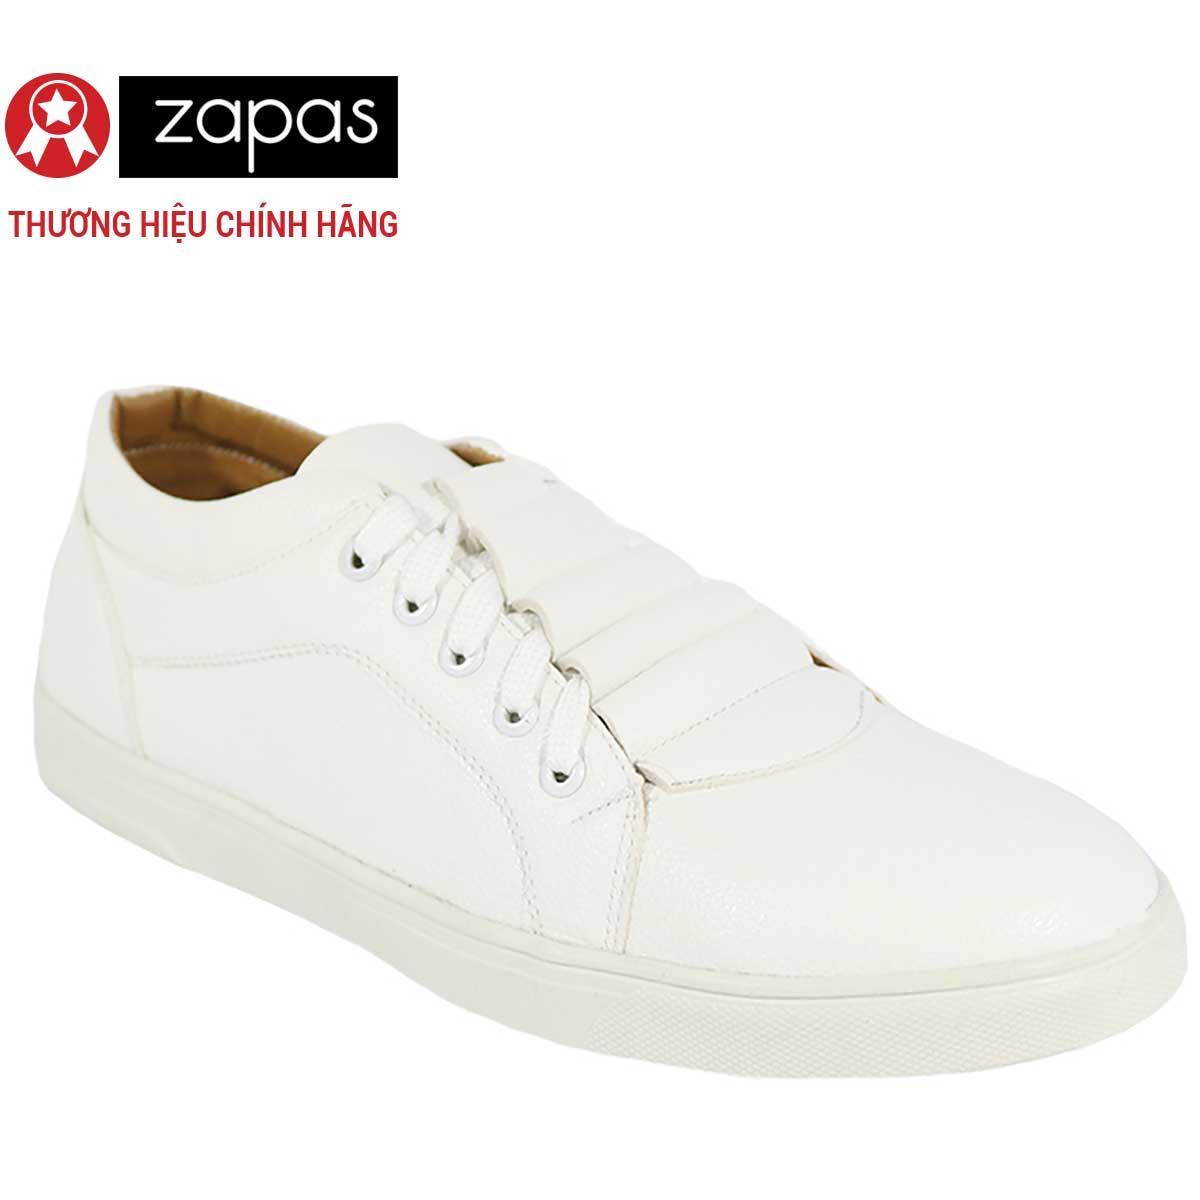 Ôn Tập Giay Sneaker Zapas Classcial Mau Trắng Gz018 Hang Phan Phối Chinh Thức Hồ Chí Minh